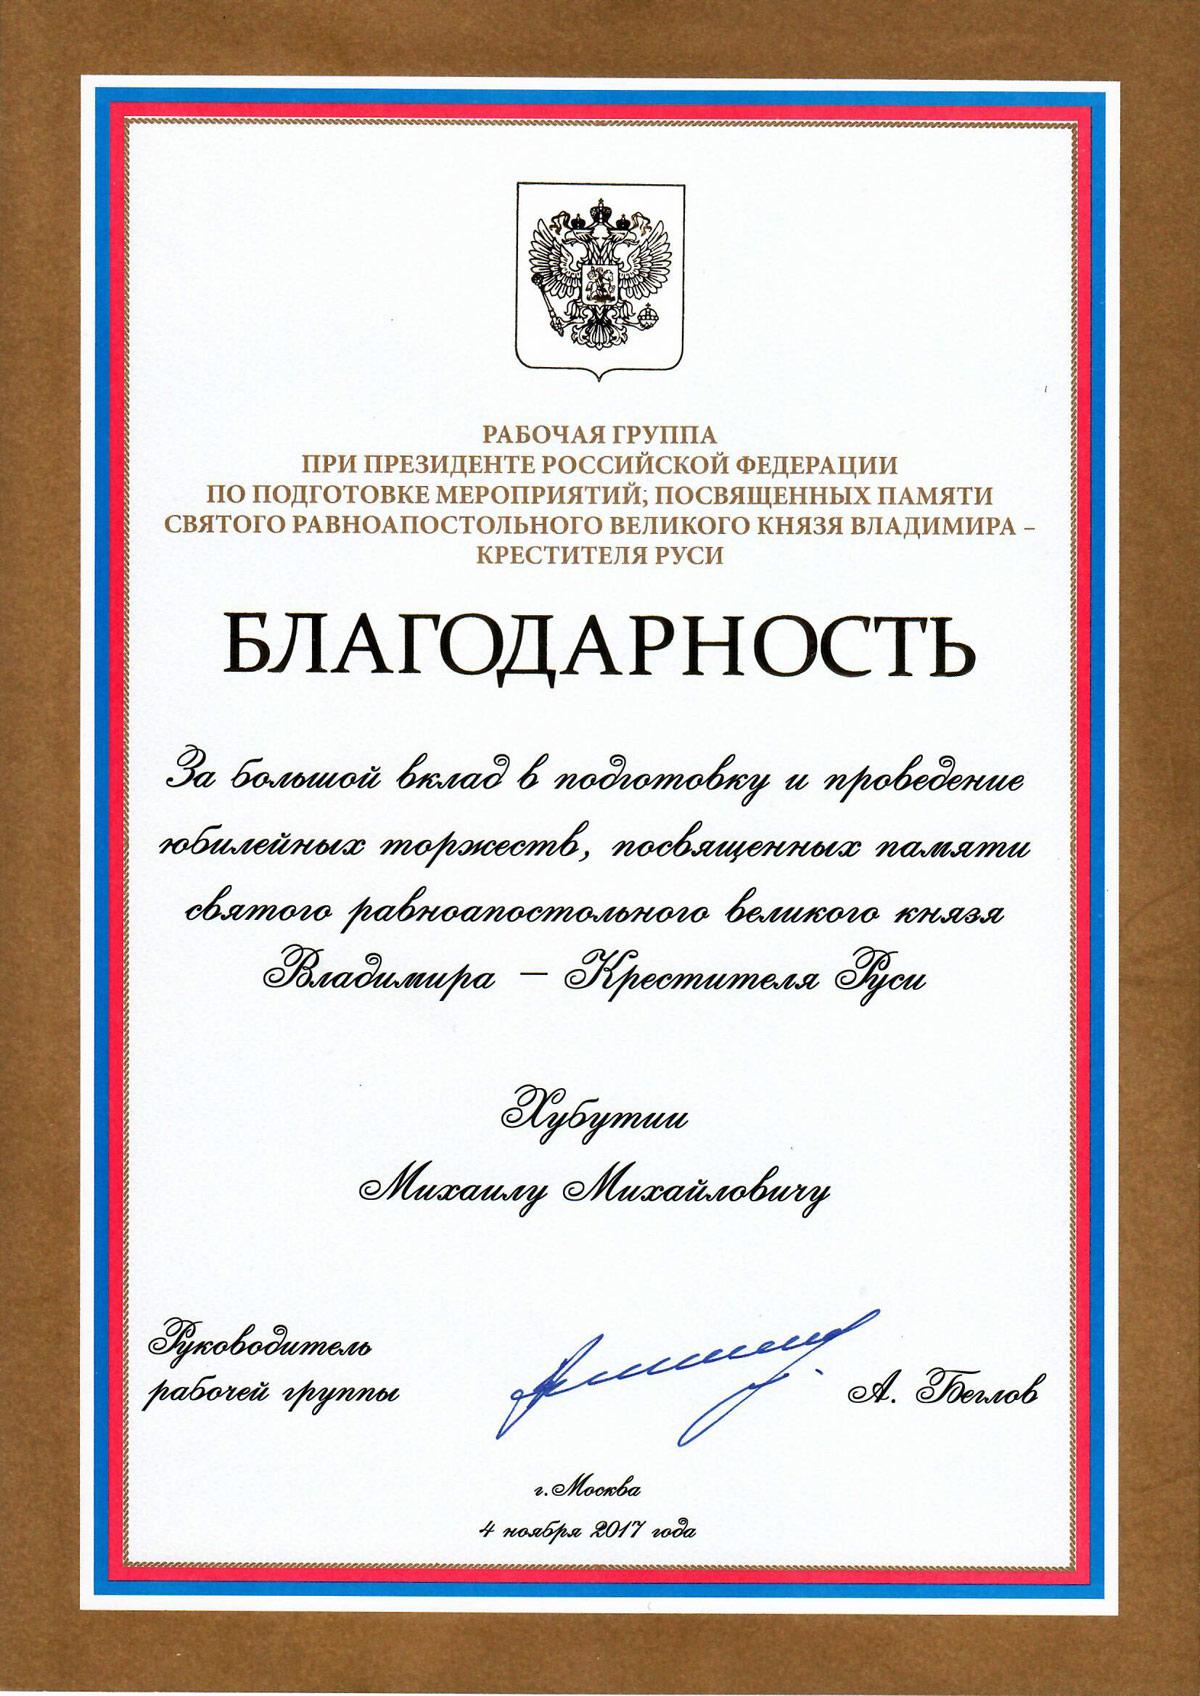 Благодарность за большой вклад в подготовку и проведение юбилейных торжеств, посвящённых памяти святого равноапостольного великого князя Владимира - Крестителя Руси